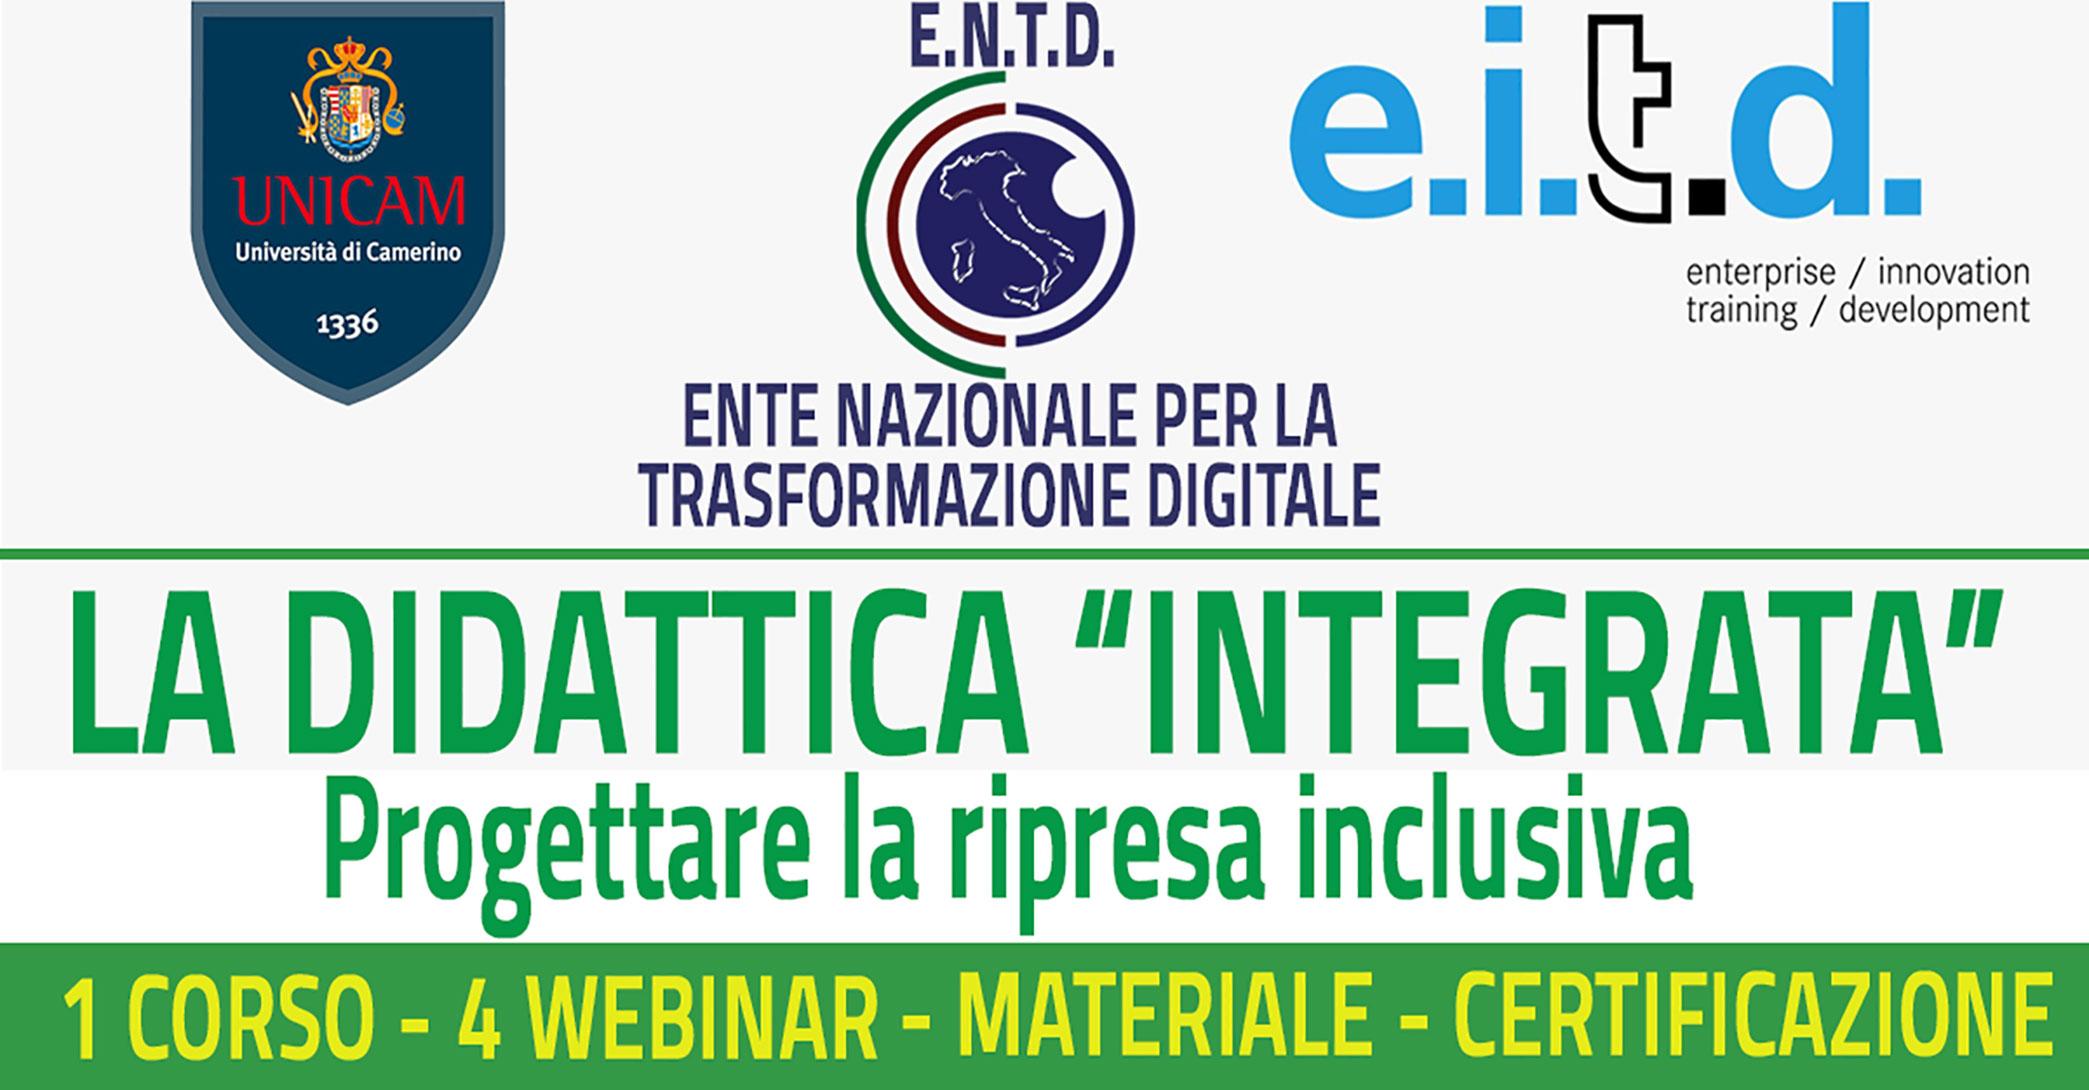 LA DIDATTICA INTEGRATA – Progettare la ripresa inclusiva